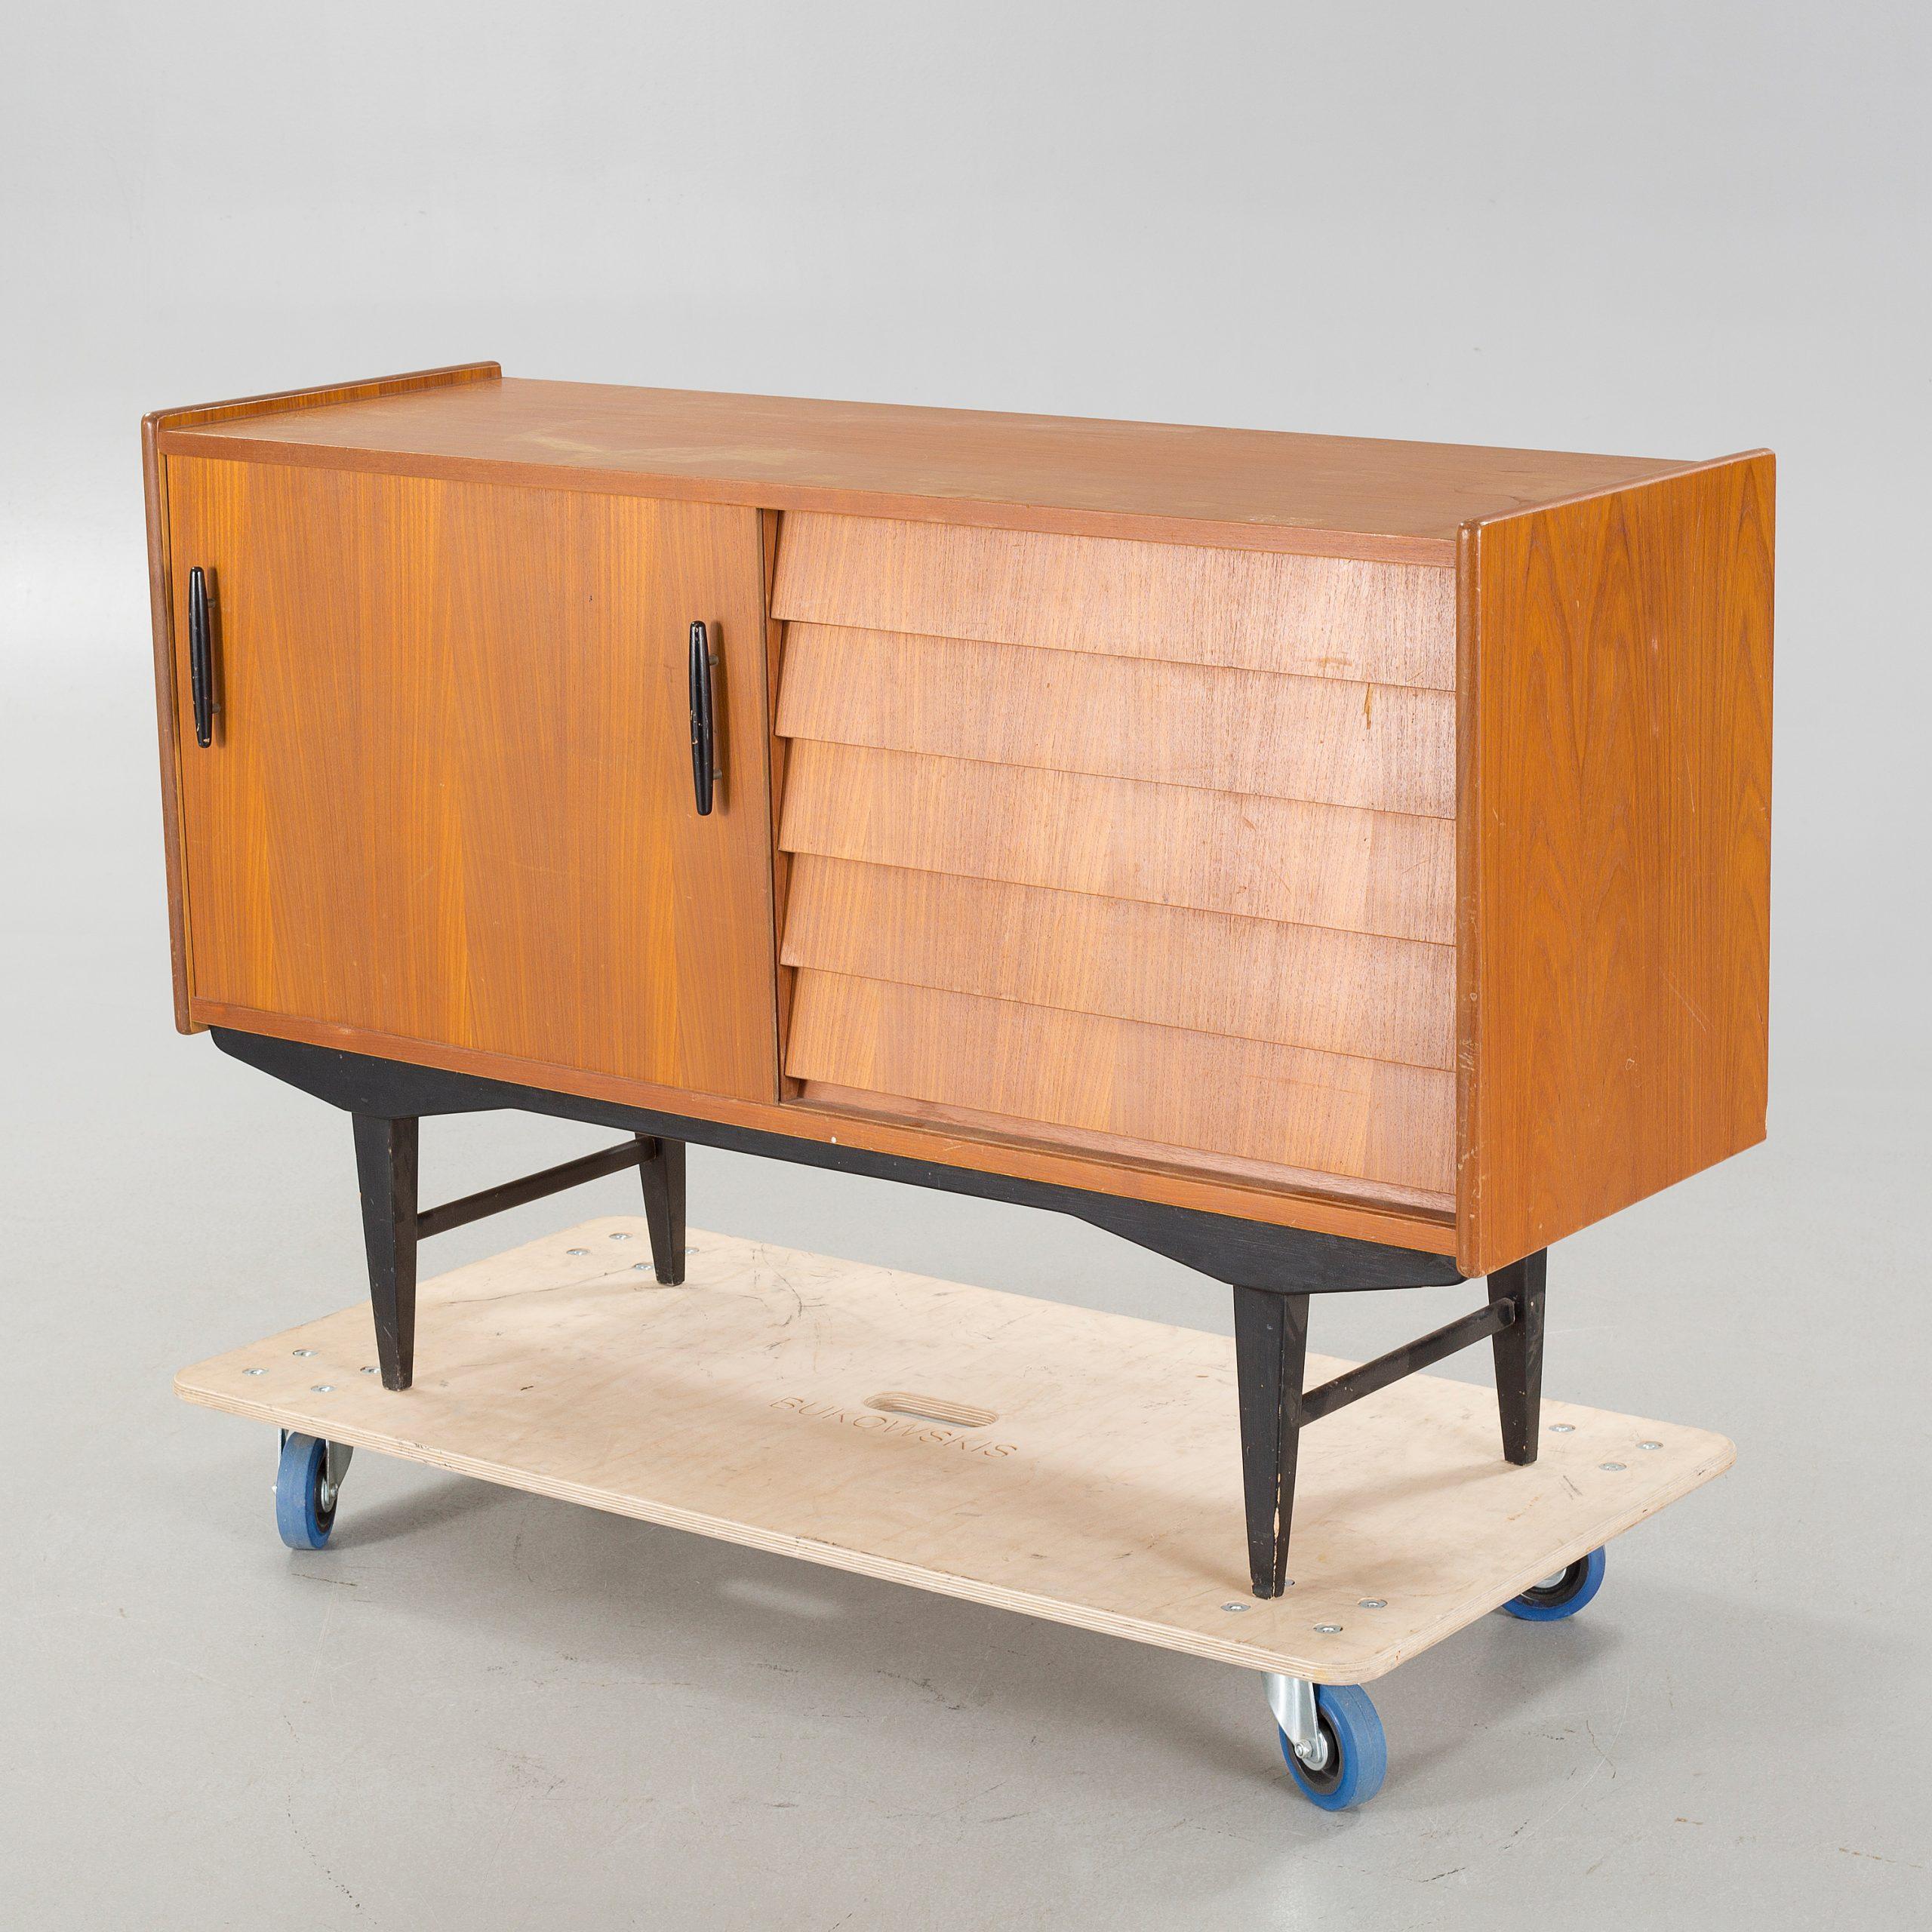 Full Size of A Sideboard Küche Ikea Kosten Modulküche Mit Arbeitsplatte Kaufen Wohnzimmer Miniküche Betten 160x200 Bei Sofa Schlaffunktion Wohnzimmer Ikea Sideboard